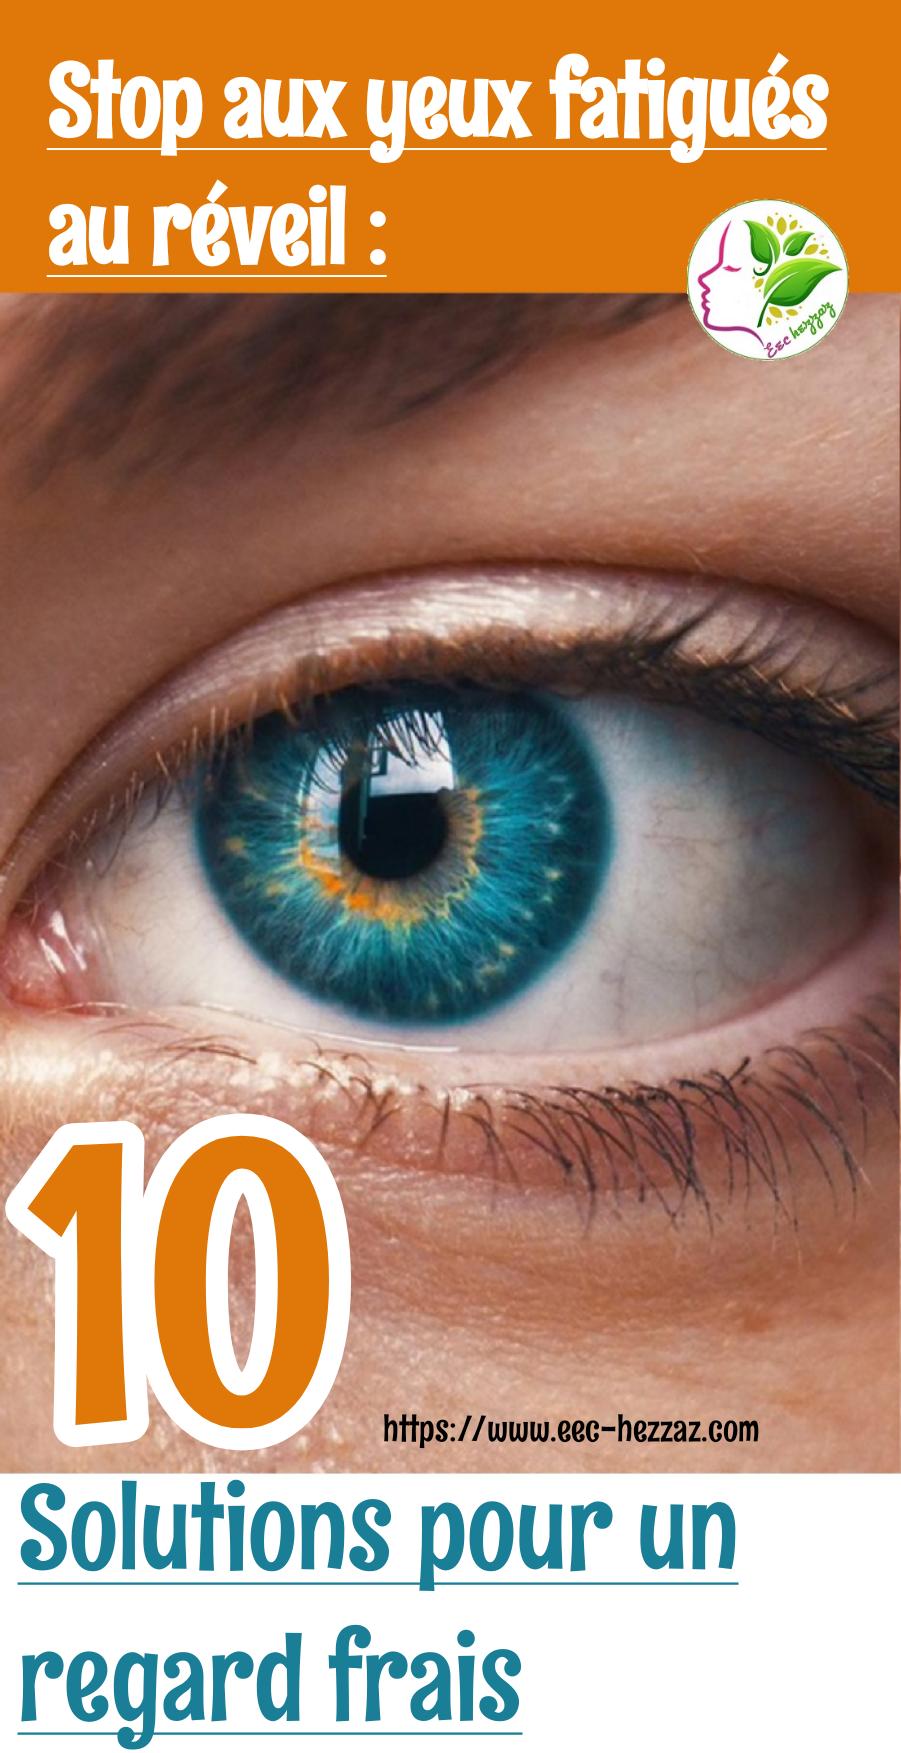 Stop aux yeux fatigués au réveil : 10 Solutions pour un regard frais